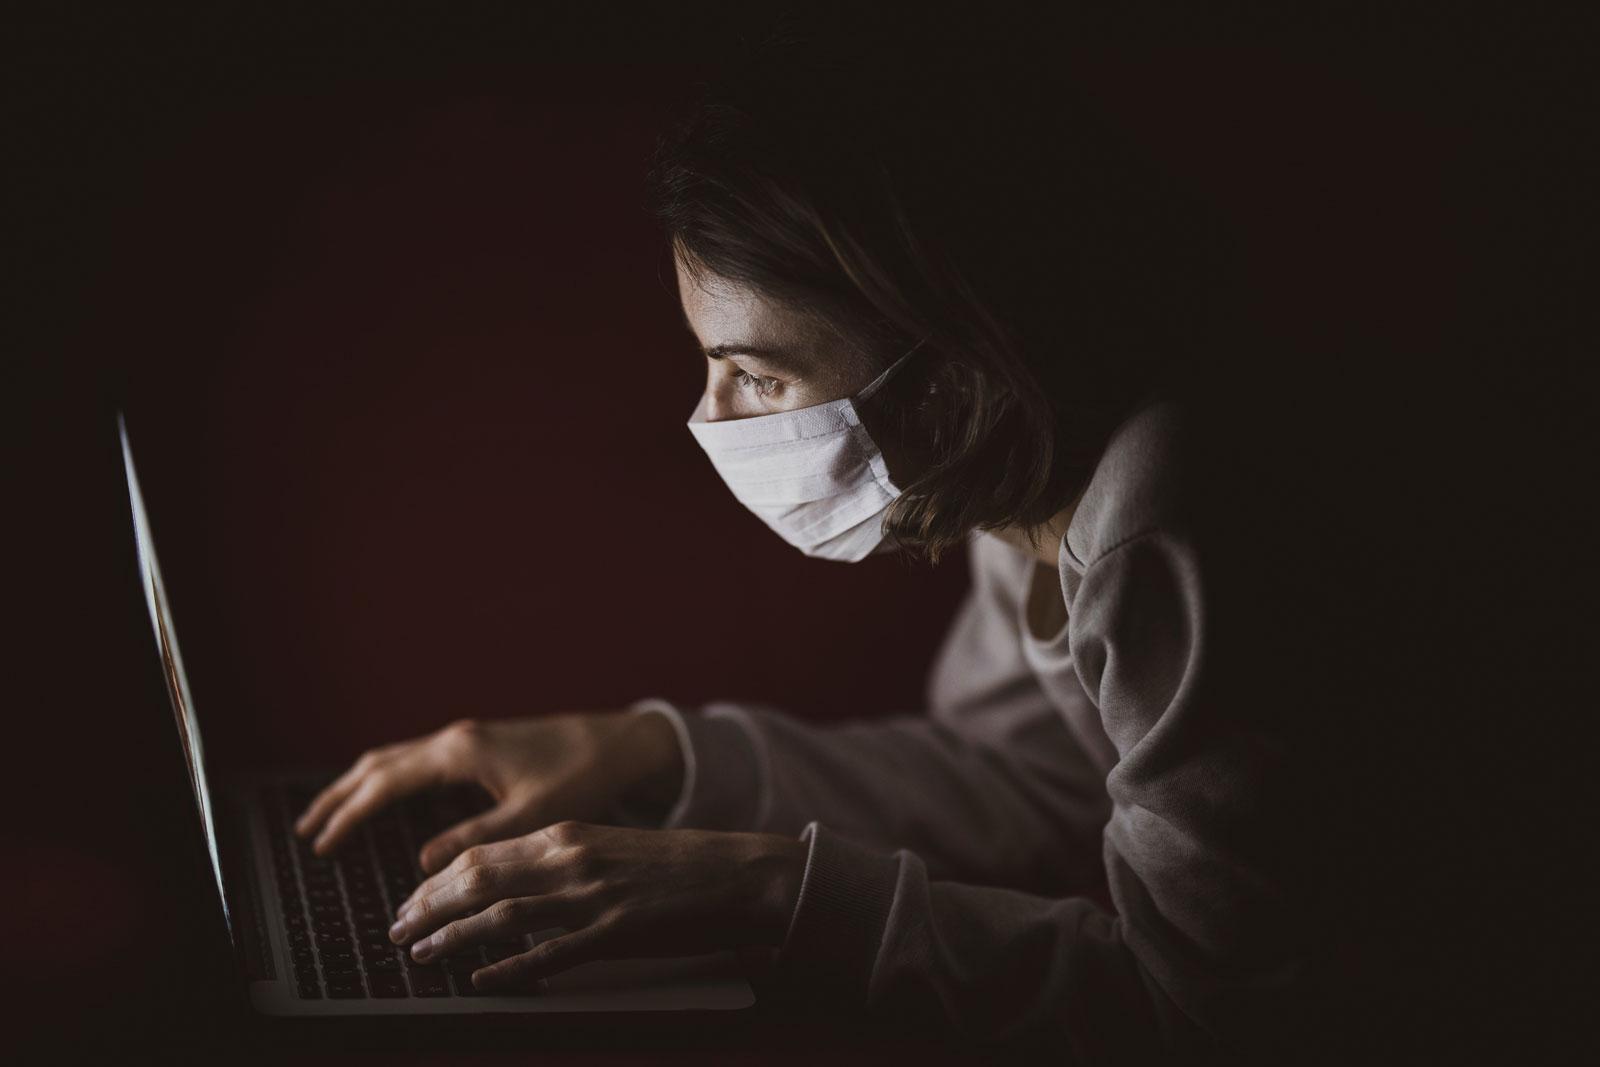 pessoa acessando o computador utilizando máscara buscando inovação durante a pandemia de coronavírus